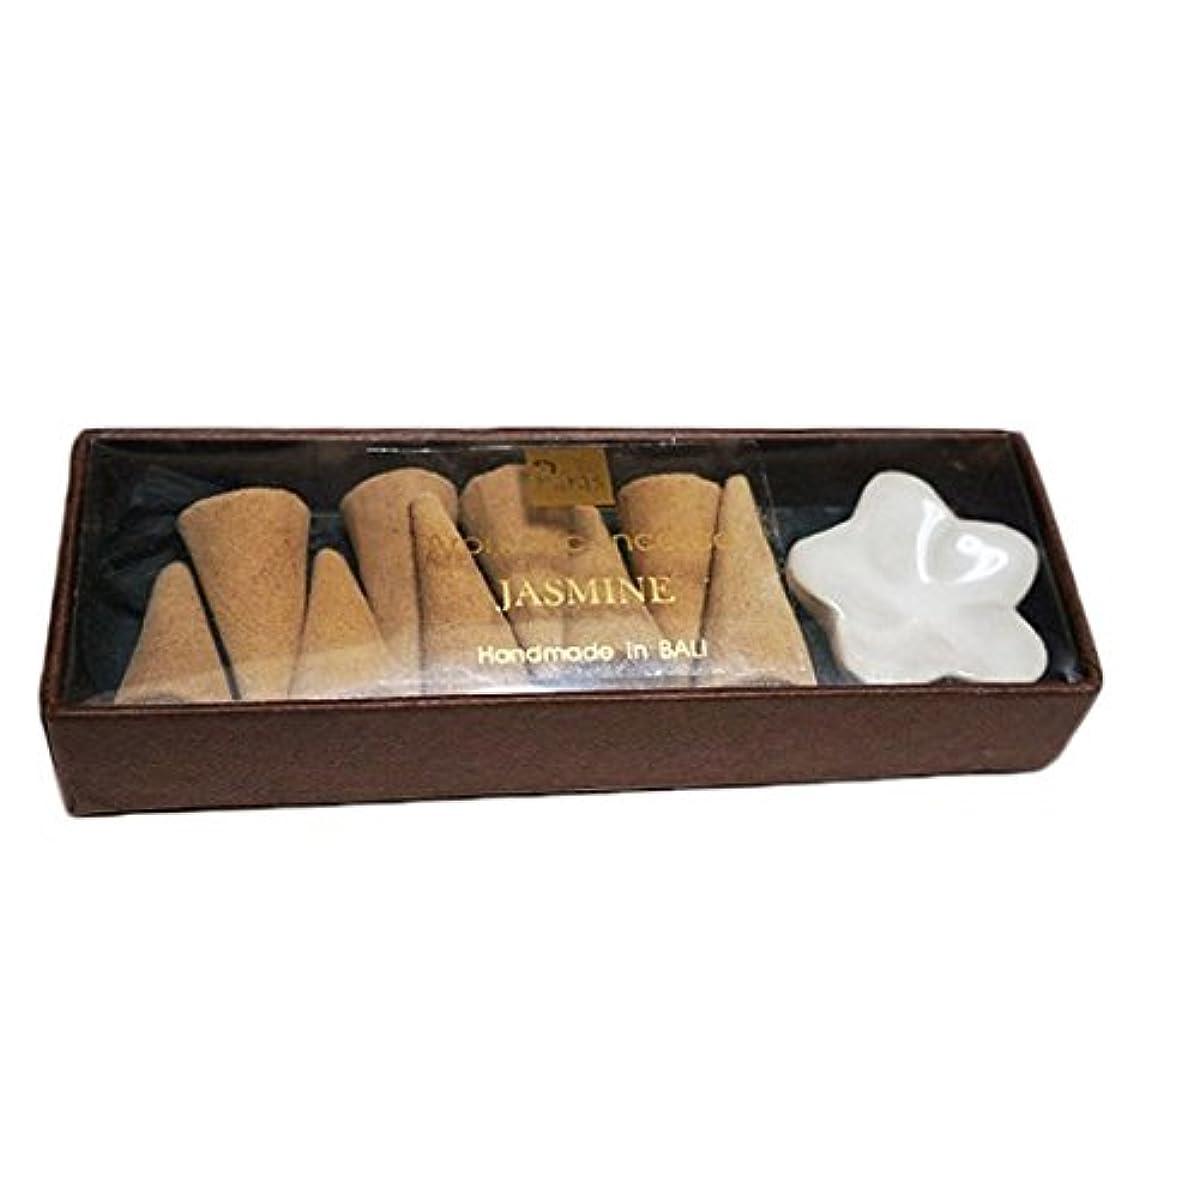 導入する大使館仕出しますジャスミン お香セット【トコパラス TOKO PARAS】バリ島 フランジパニの陶器のお香立て付き ナチュラルハンドメイドのお香